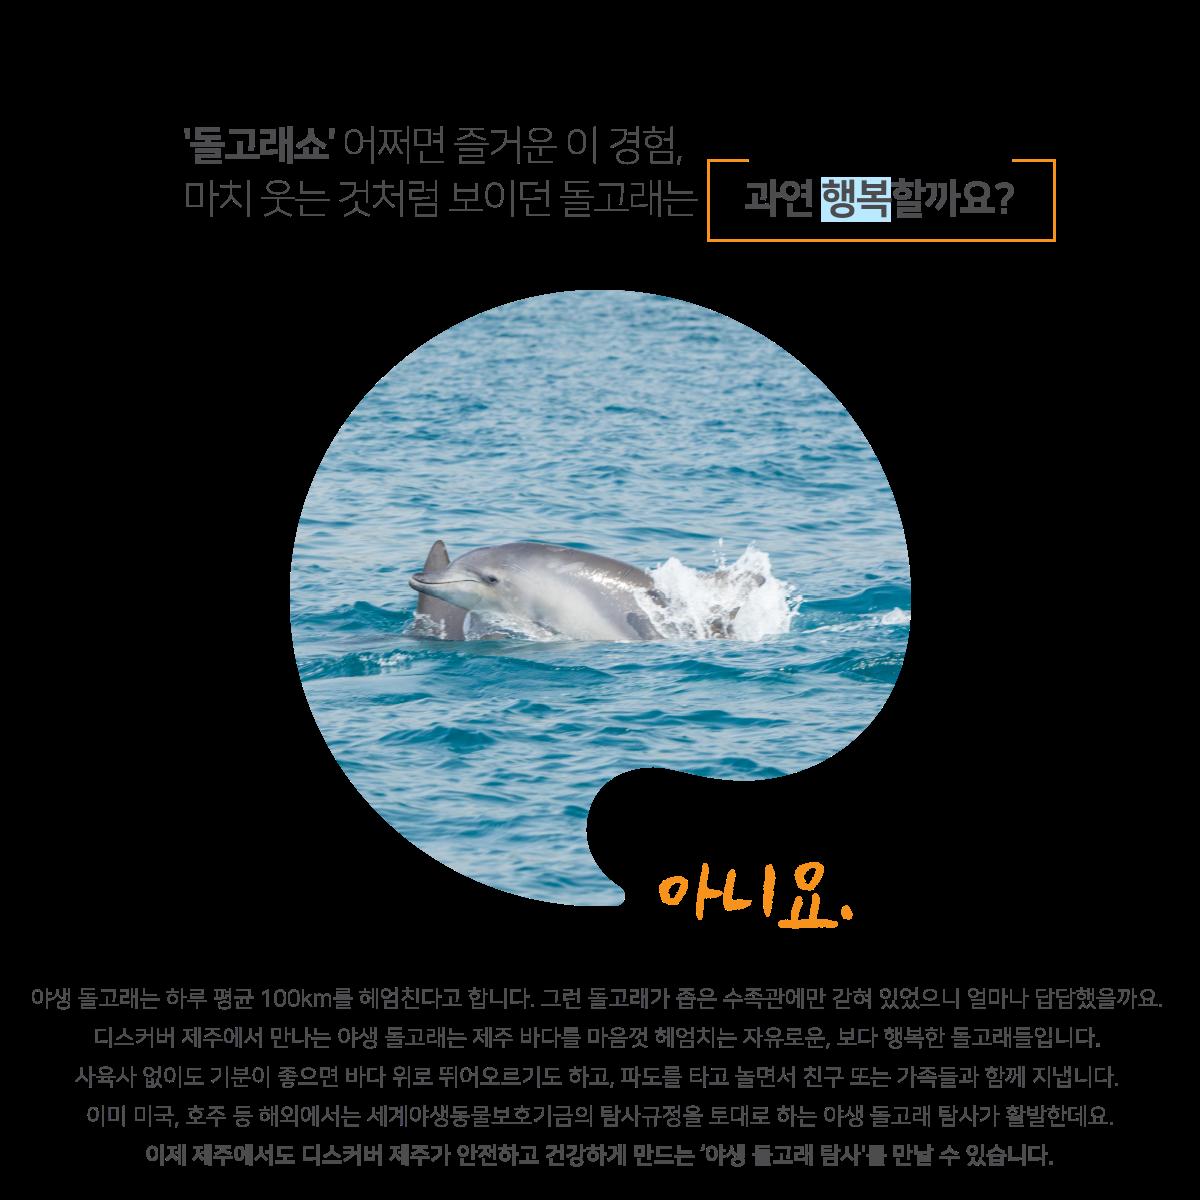 디스커버제주에서는 수조관 속에 갇혀있는 돌고래가 아닌 푸른 제주의 앞바다에서 자유롭게 뛰노는 야생 돌고래를 볼 수 있습니다.